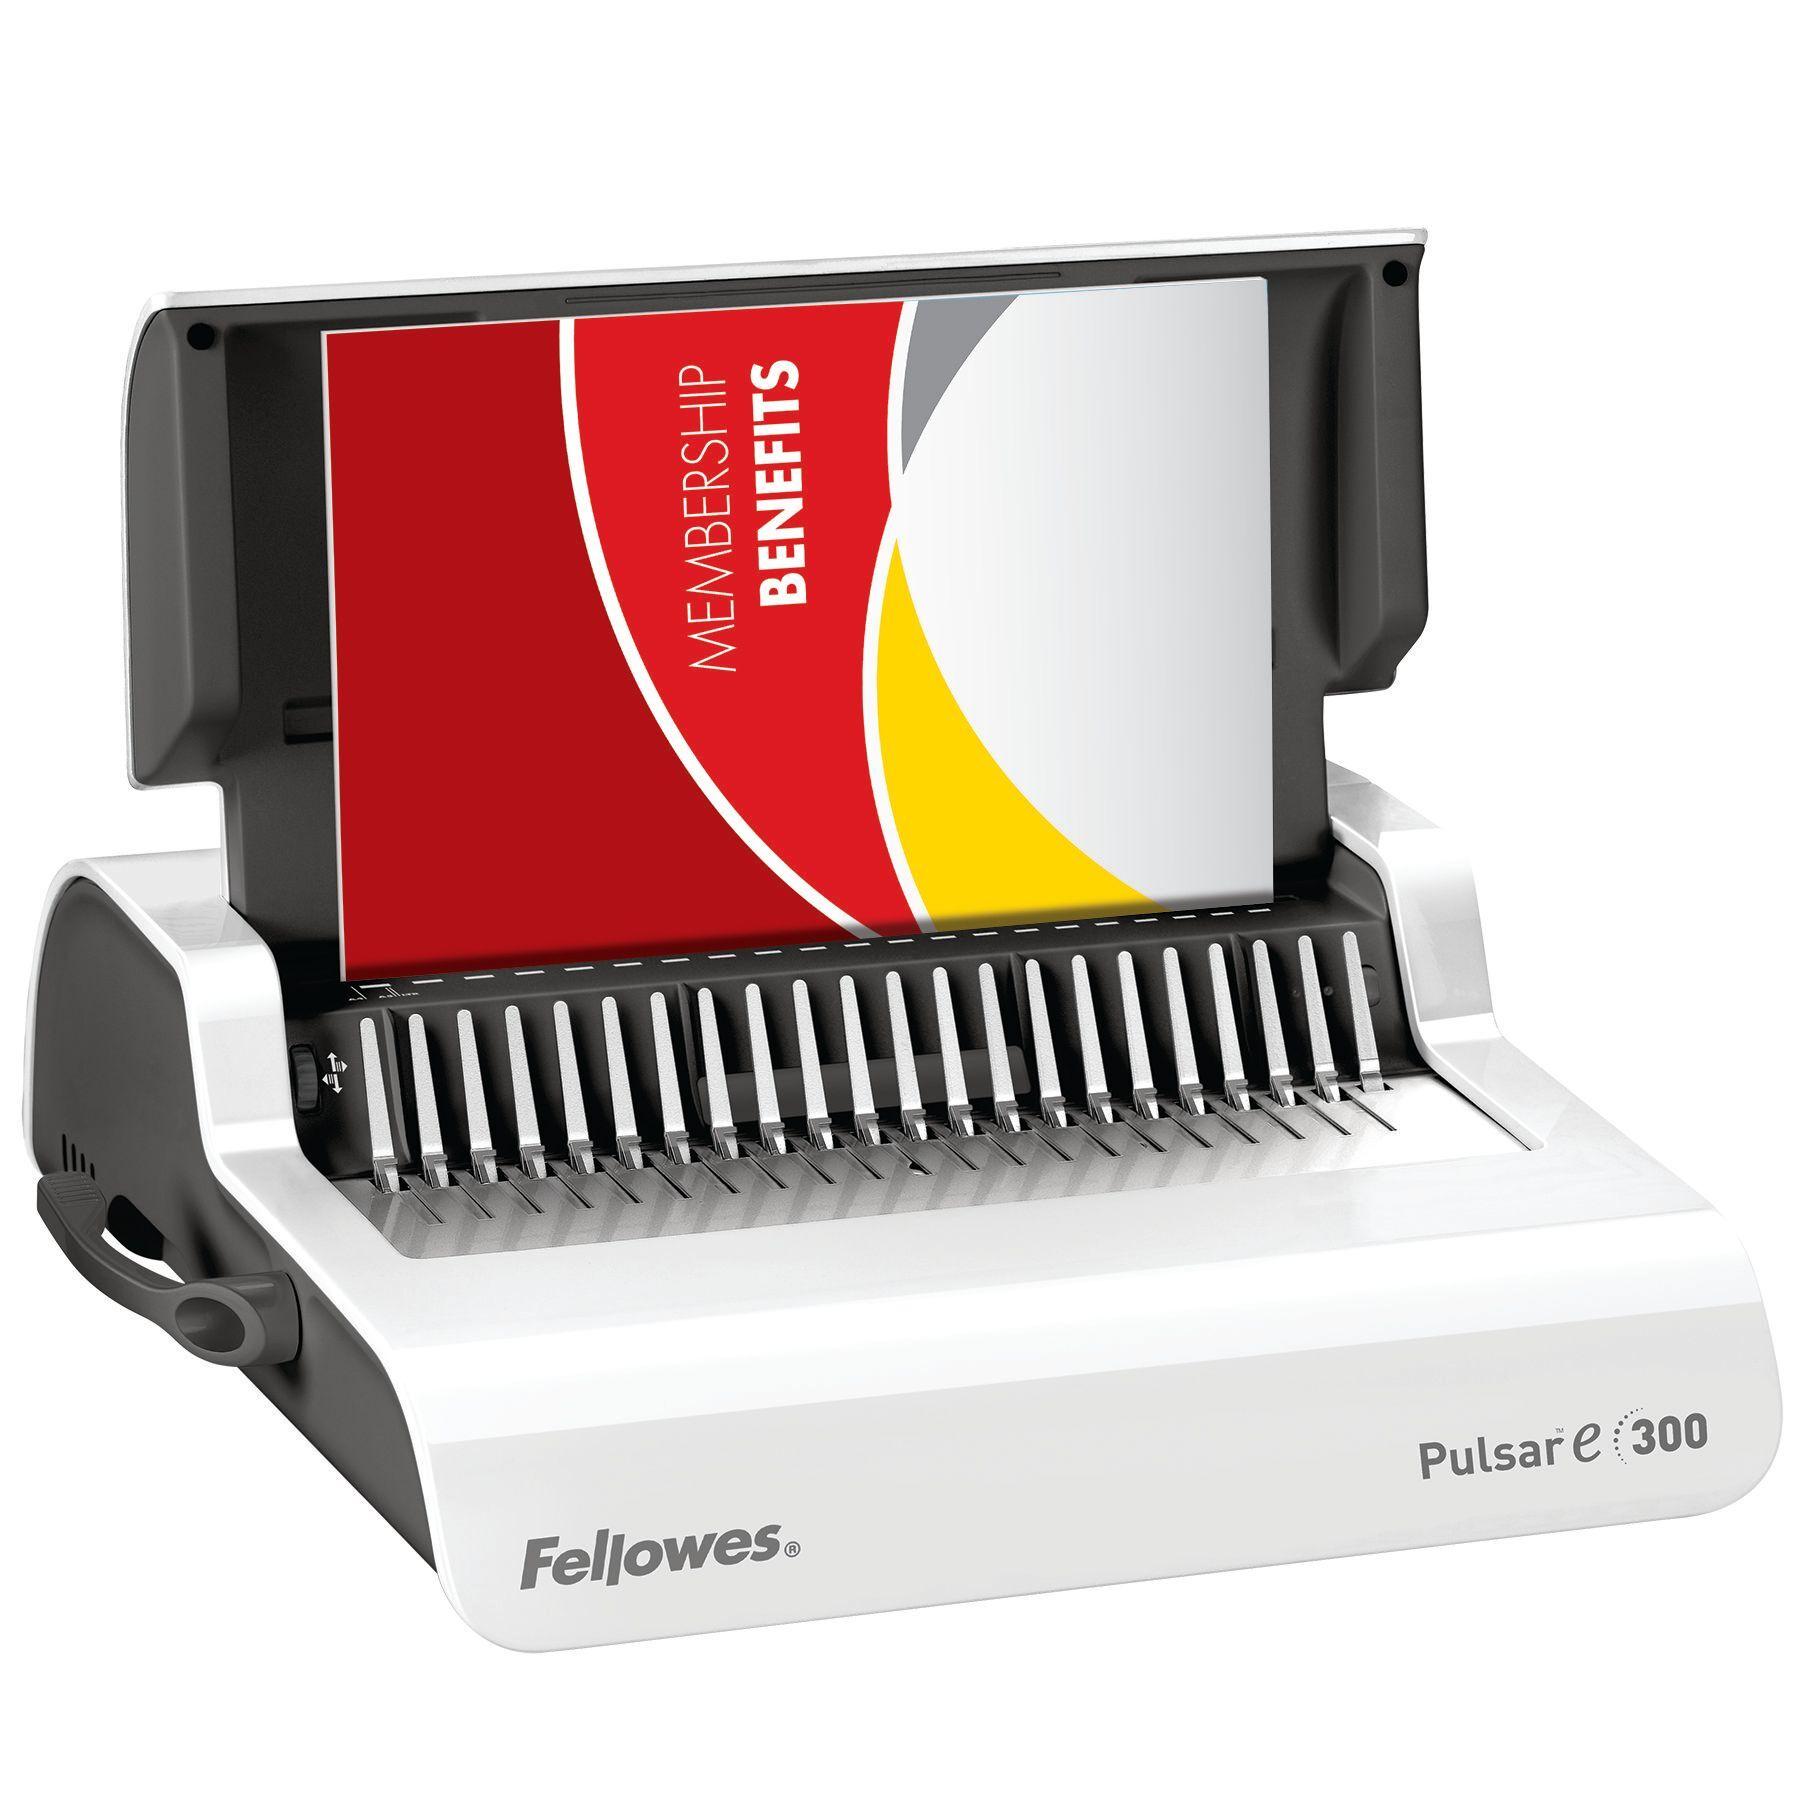 Fellowes Pulsar E-300 - machine à relier / relieuse perforeuse éléctrique - Perfore 20 feuilles - relie 300f